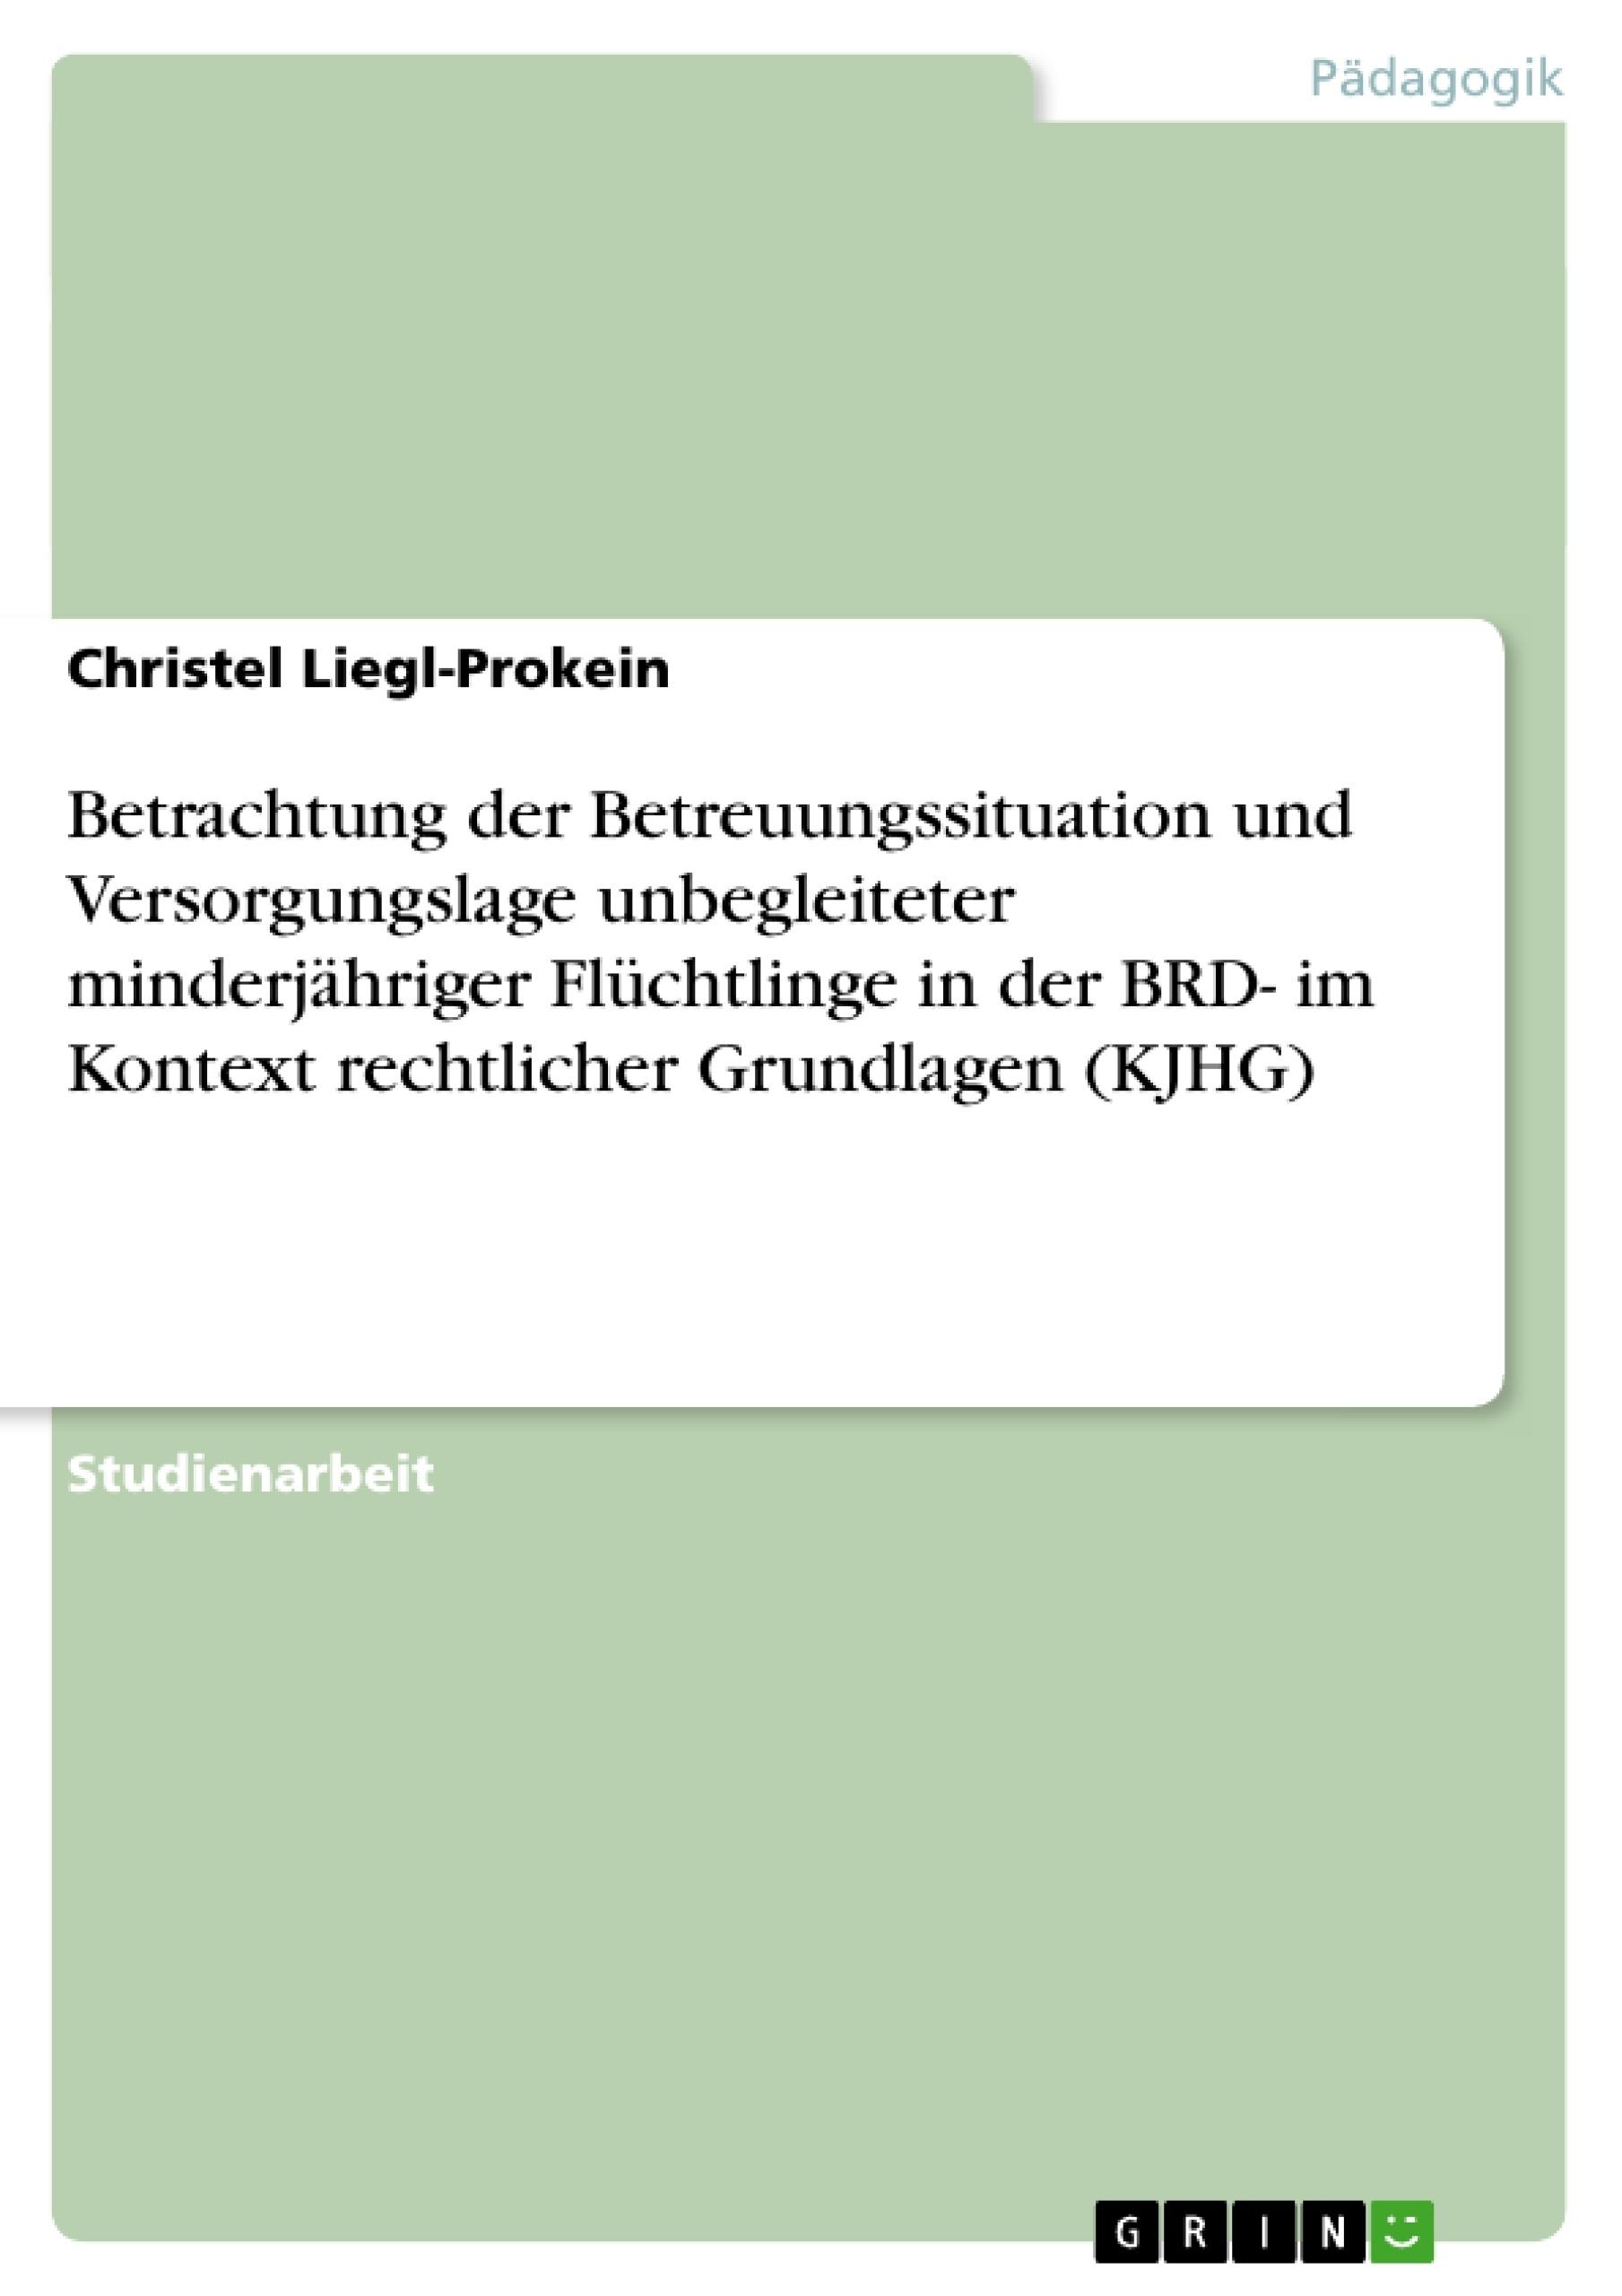 Titel: Betrachtung der Betreuungssituation und Versorgungslage unbegleiteter minderjähriger Flüchtlinge in der BRD- im Kontext rechtlicher Grundlagen (KJHG)